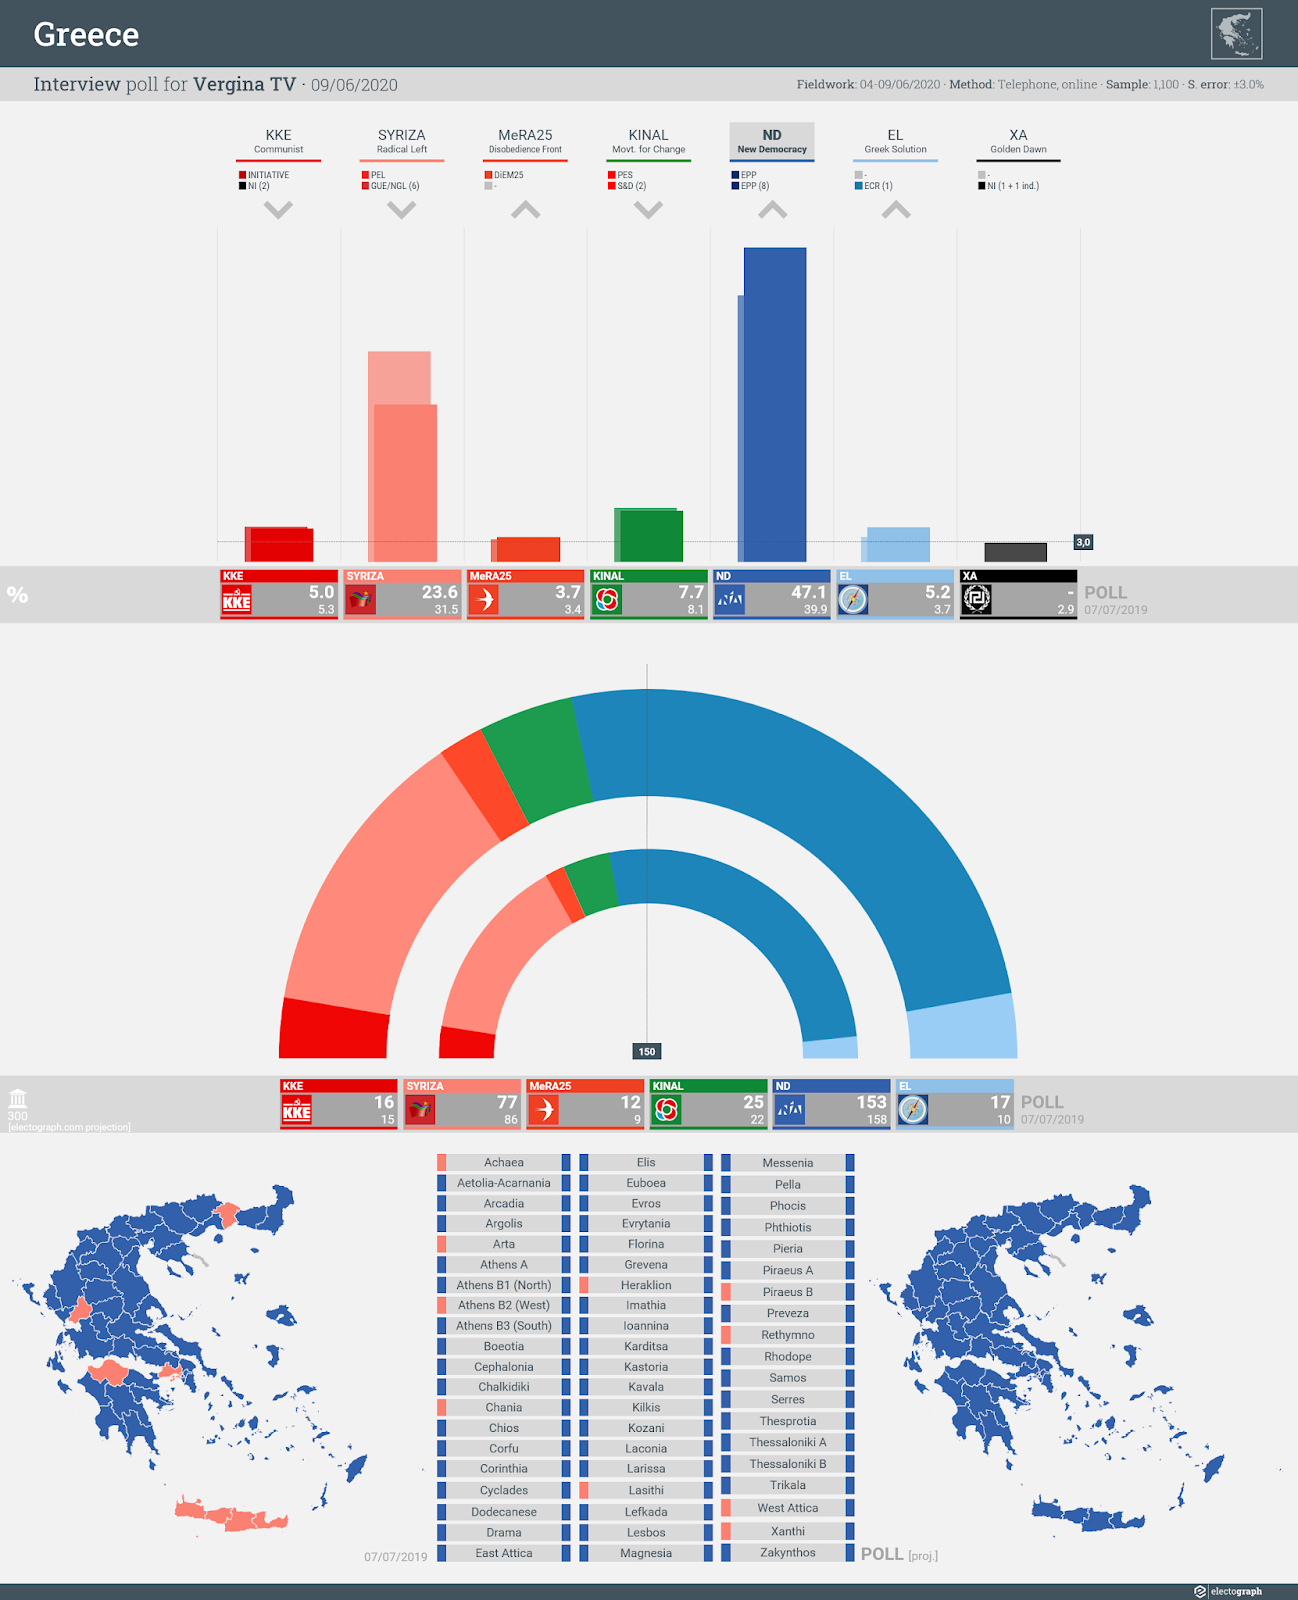 GREECE: Interview poll chart for Vergina TV, 9 June 2020